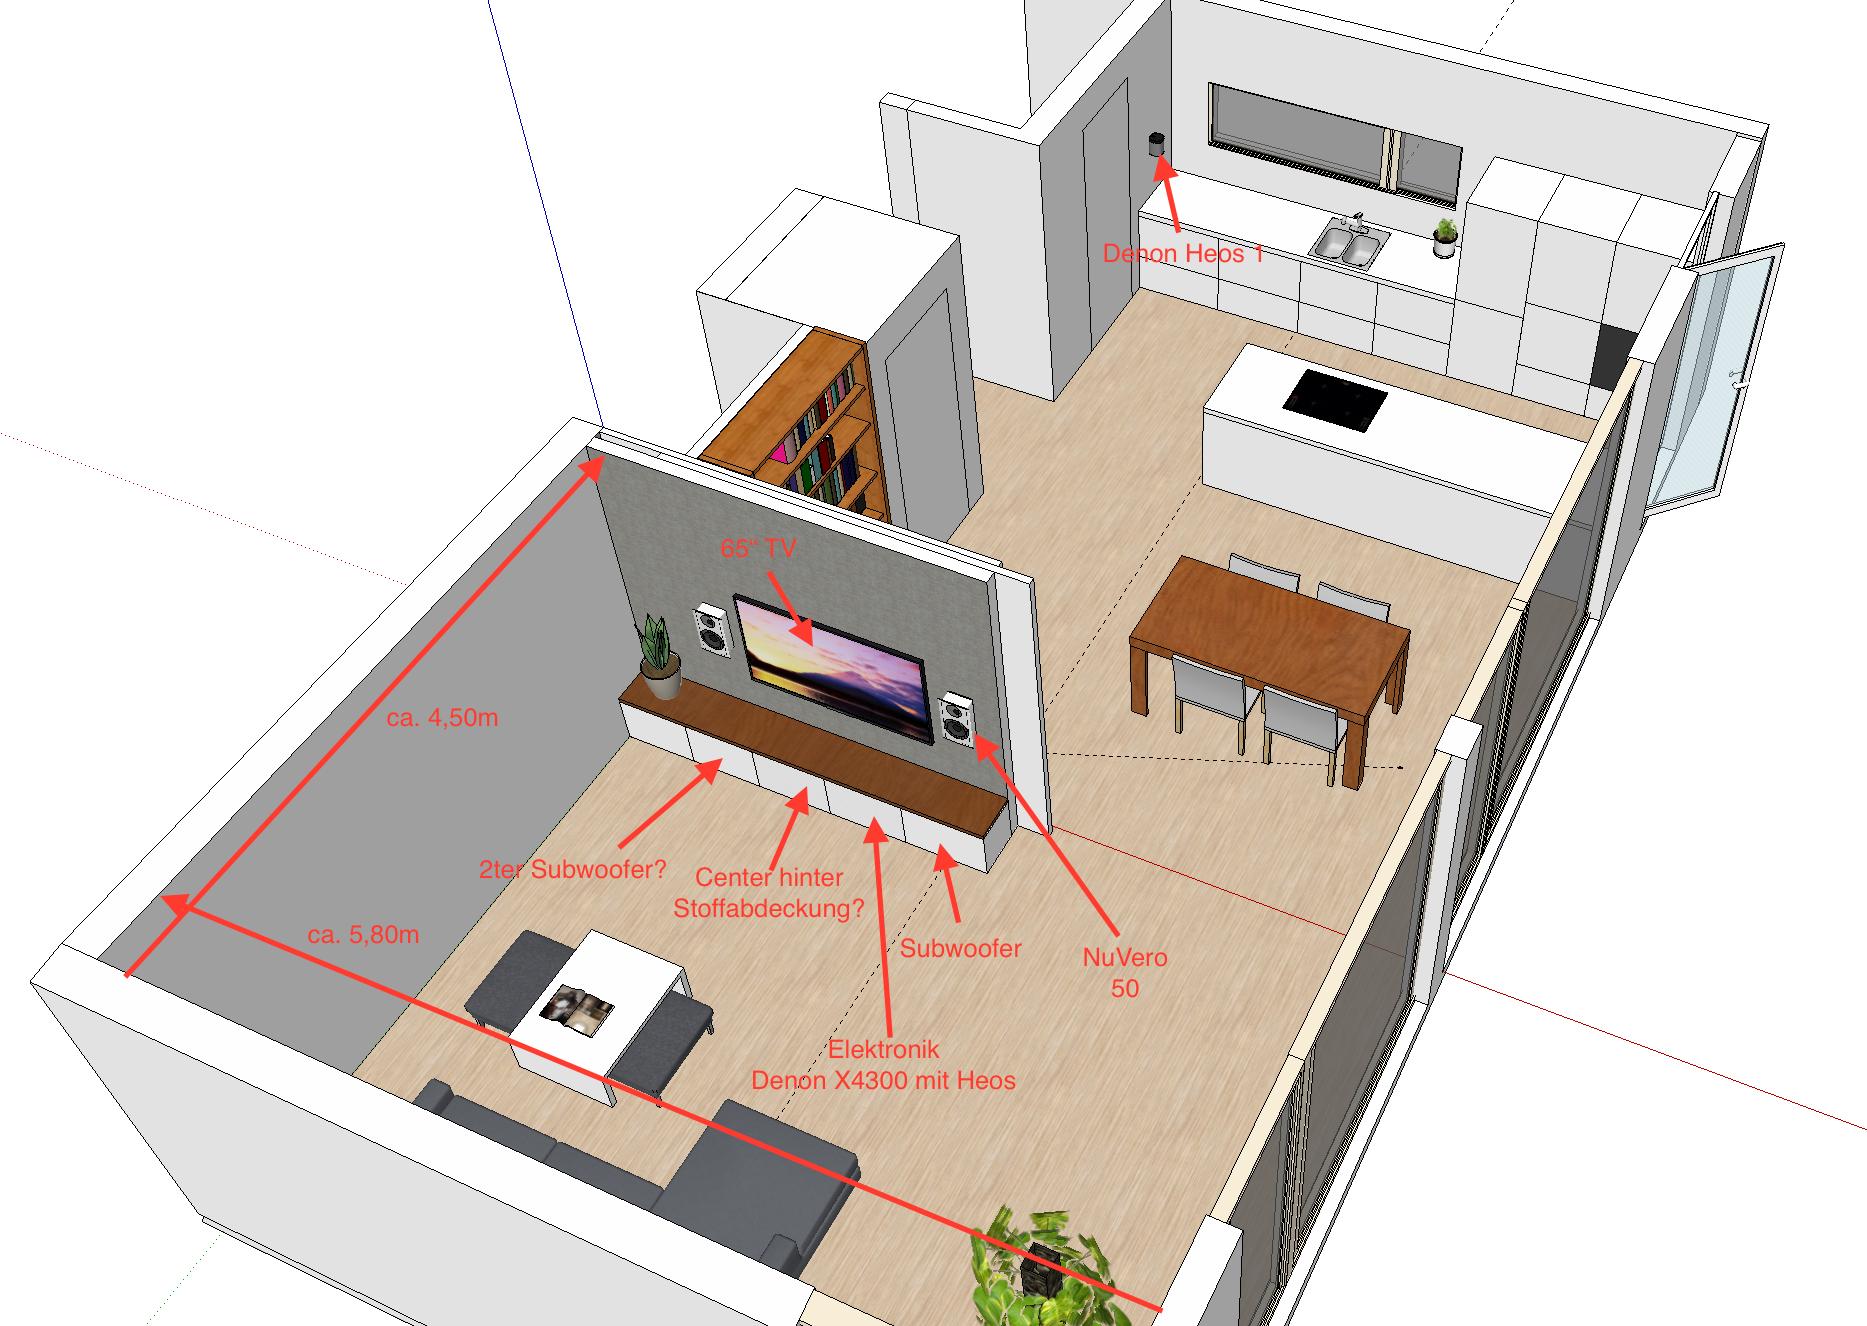 HiFi für Wohnzimmer und Küche | denon, heimkino, heos, hifi ...